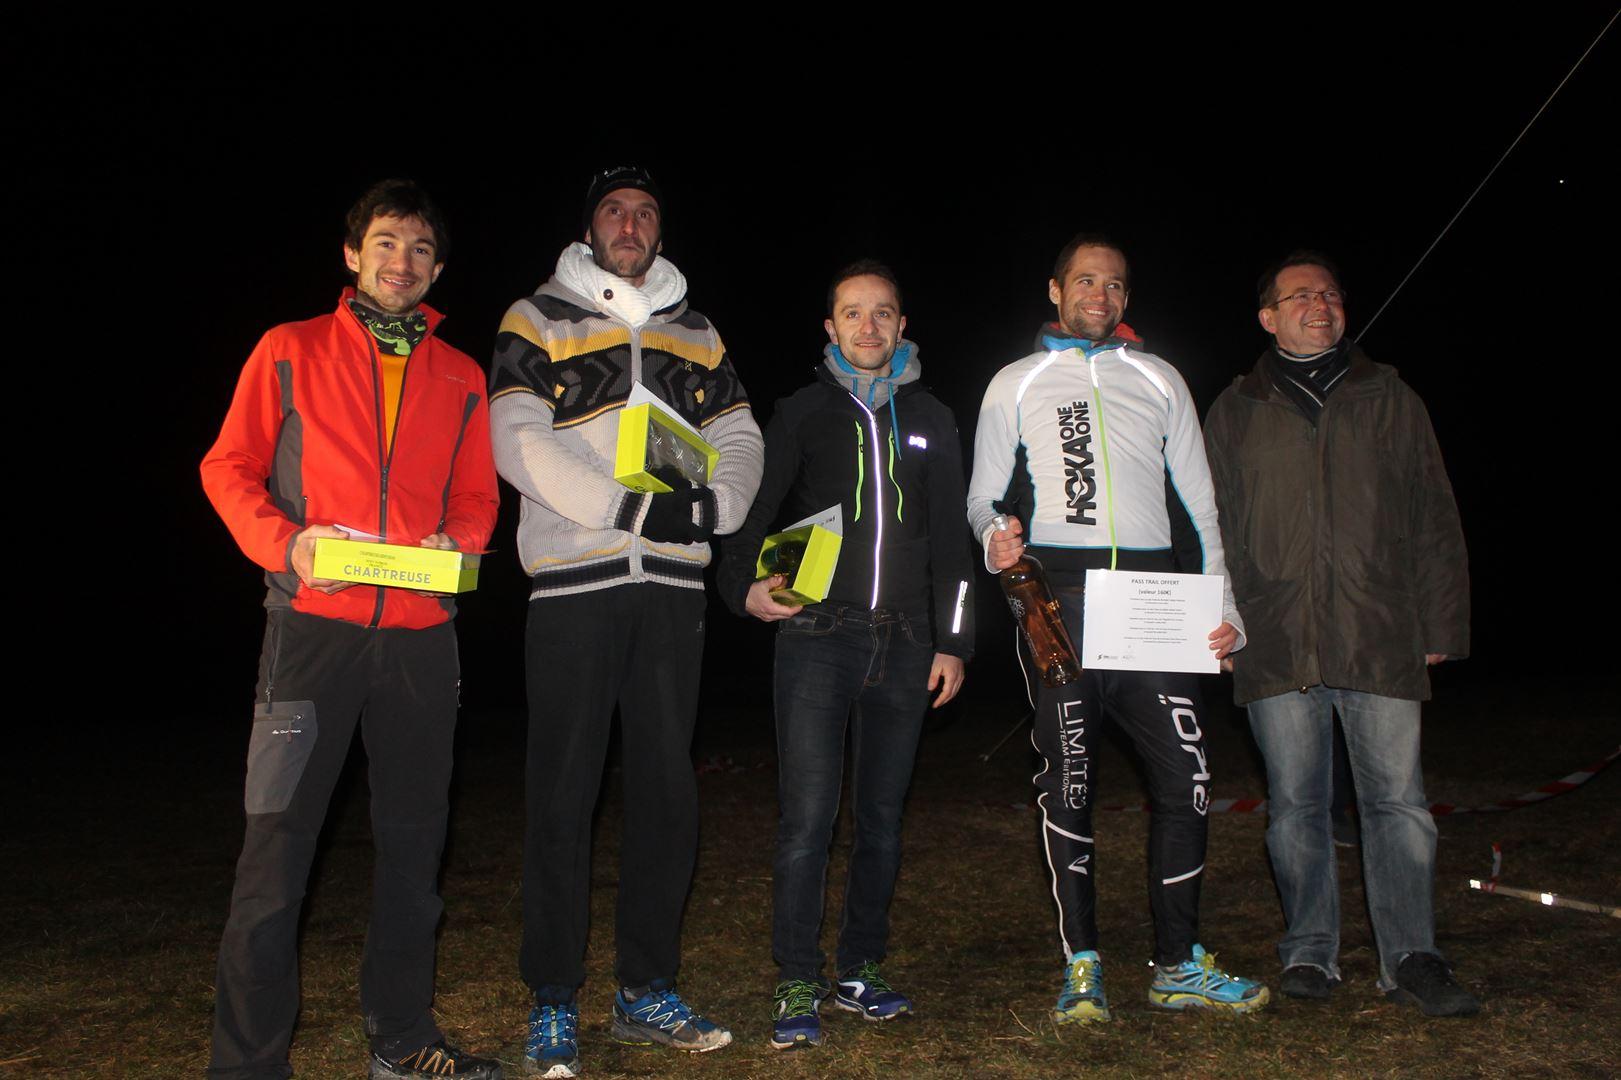 Podiums homems du 8km - RESULTATS ET COMMENTAIRES DU TRAIL DU SAPPEY EN CHARTREUSE (38) -18-02-2017